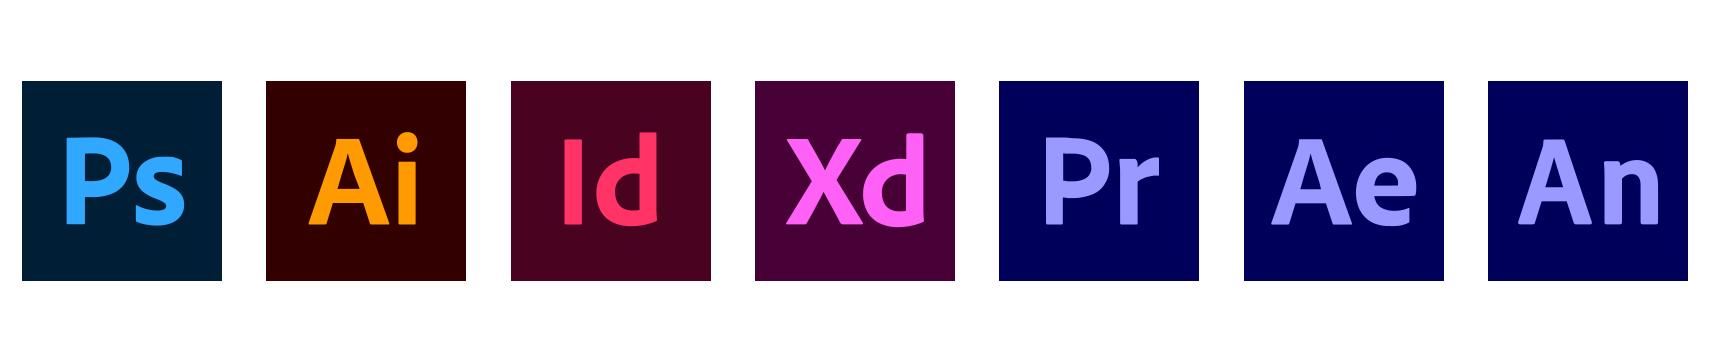 Formation Logiciel Concepteur Designer UI